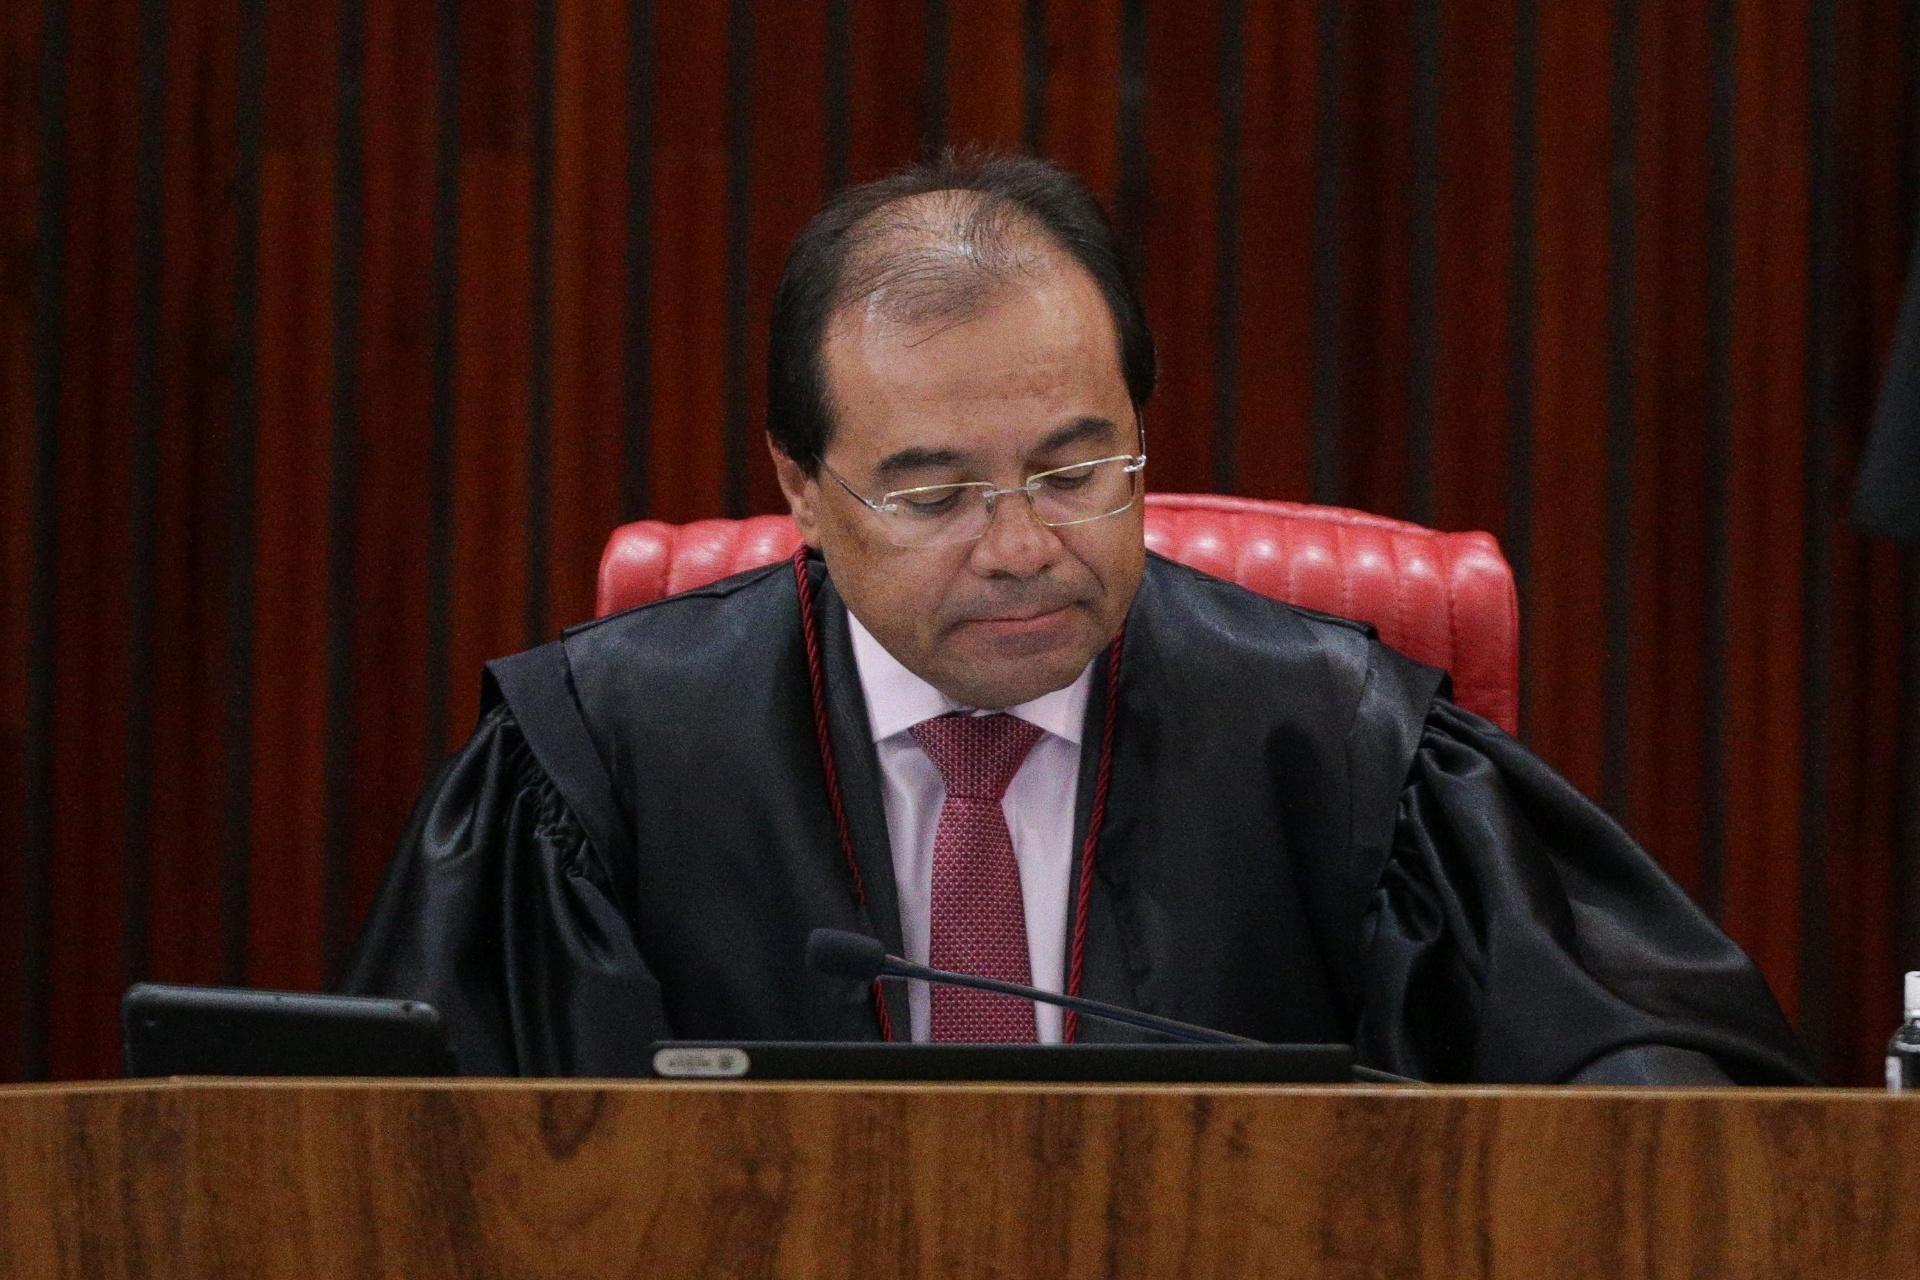 O vice-procurador geral eleitoral Nicolao Dino, que representa o Ministério Público no TSE, se manifestou favoravelmente a que o tribunal determine a cassação da chapa, com a perda do mandato de Temer, e também pela aplicação da pena de inelegibilidade a Dilma